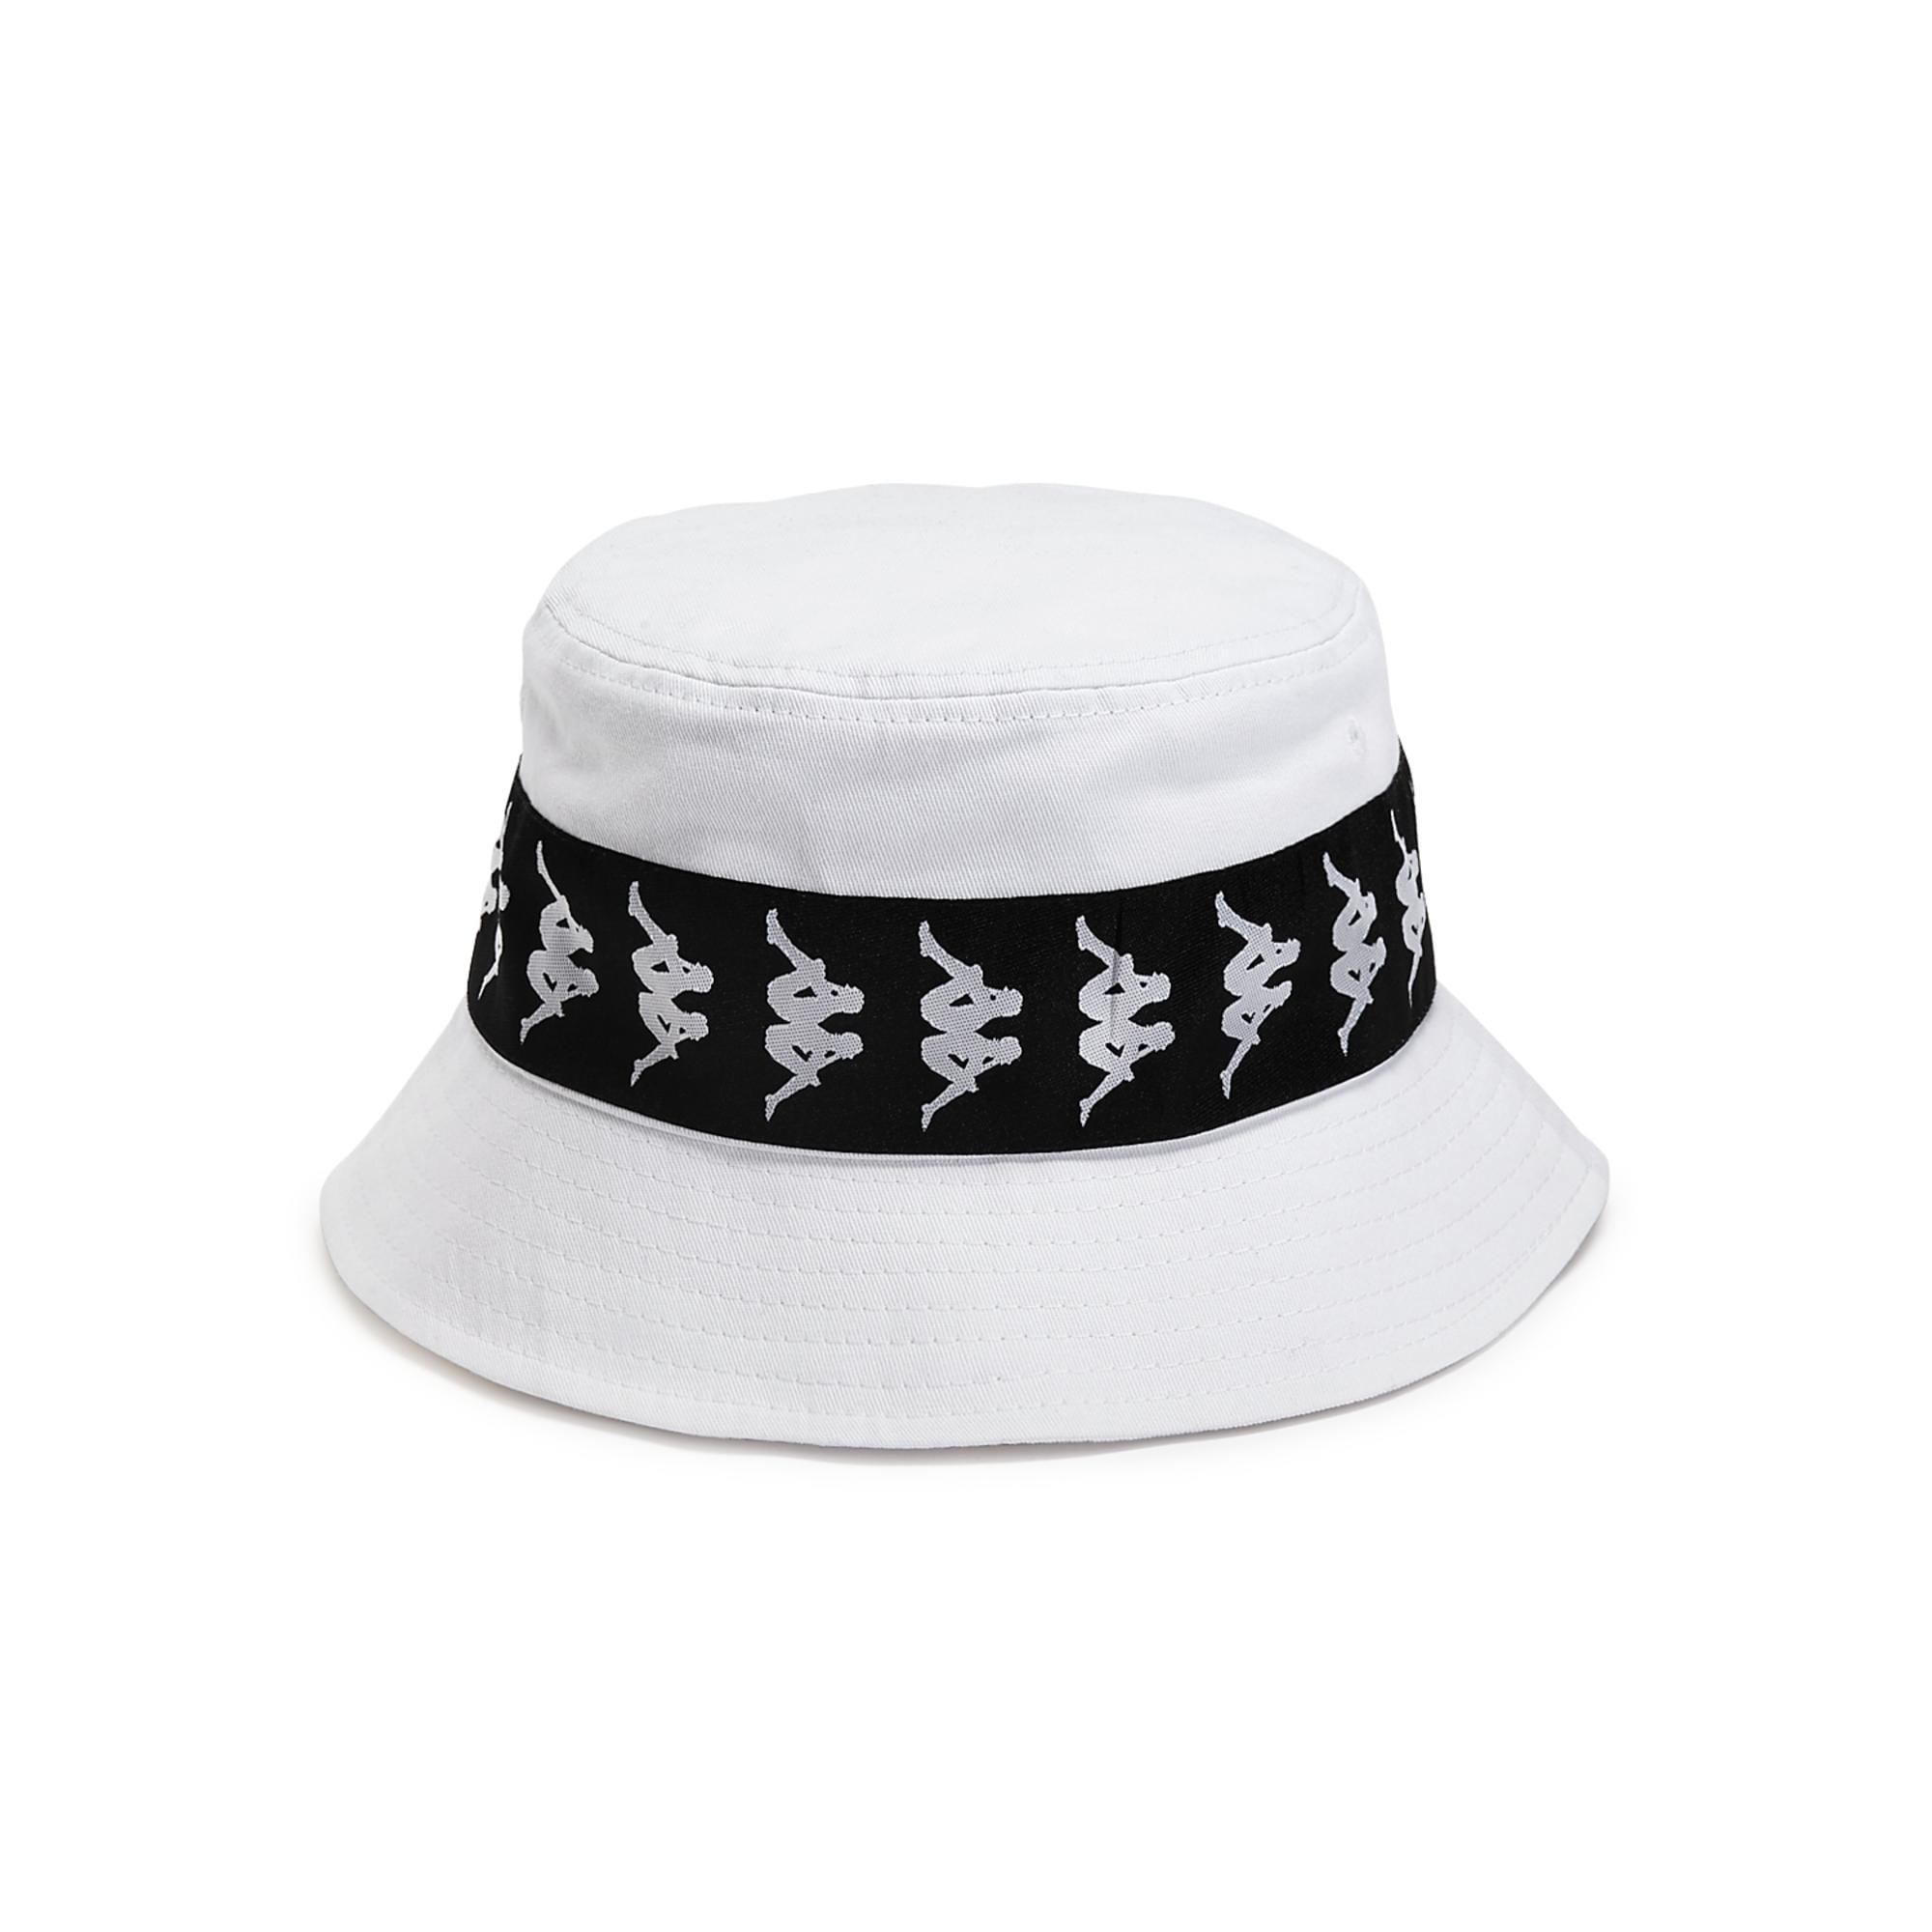 Relazionato Duplicare sgabello  Shop Kappa Mens 222 Banda Bucket Hat Cotton Logo - White/Black - S/M -  Overstock - 31479042